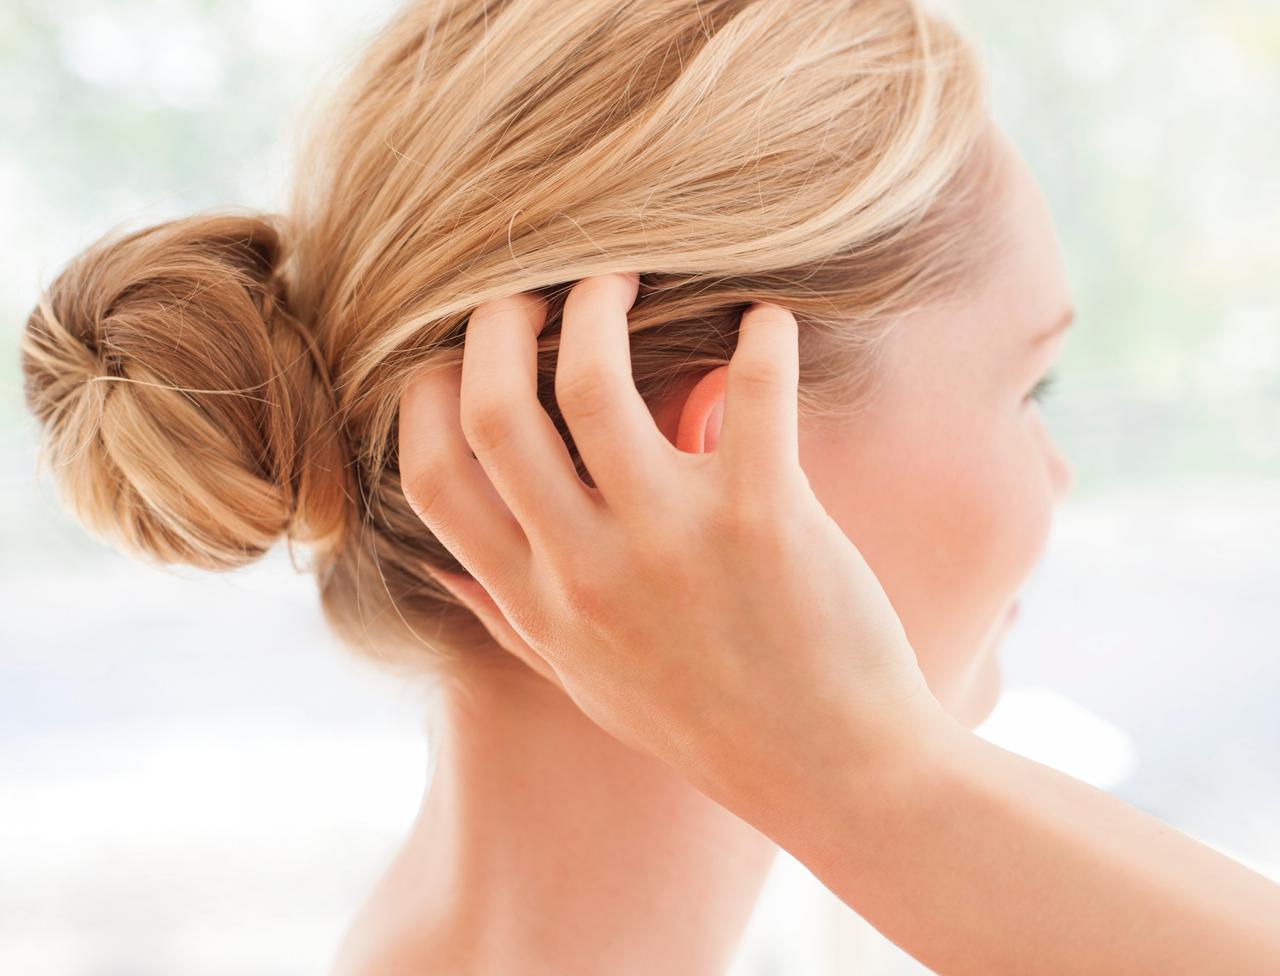 وصفات فعالة للقضاء على قشرة الشعر